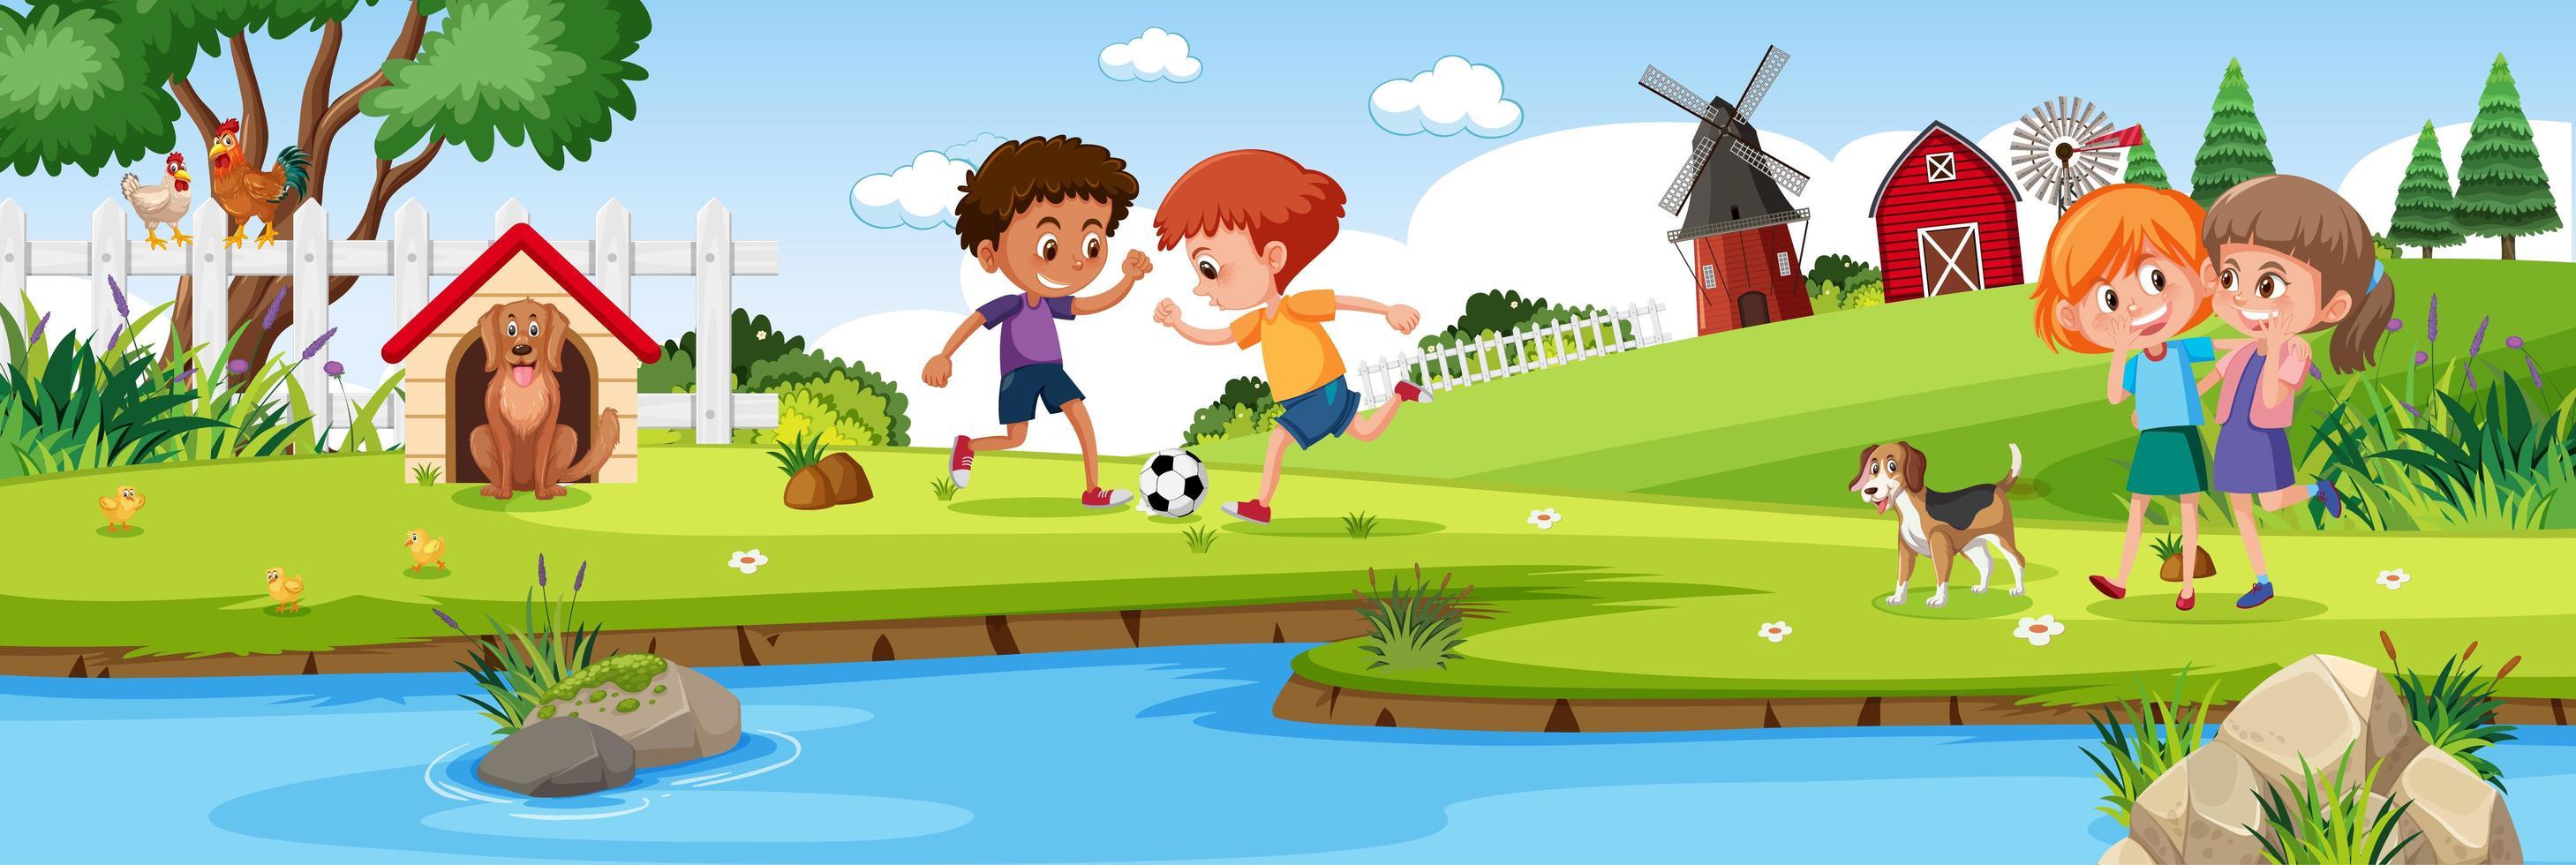 barn som leker i naturen gård horisontellt landskap scen på dagtid vektor